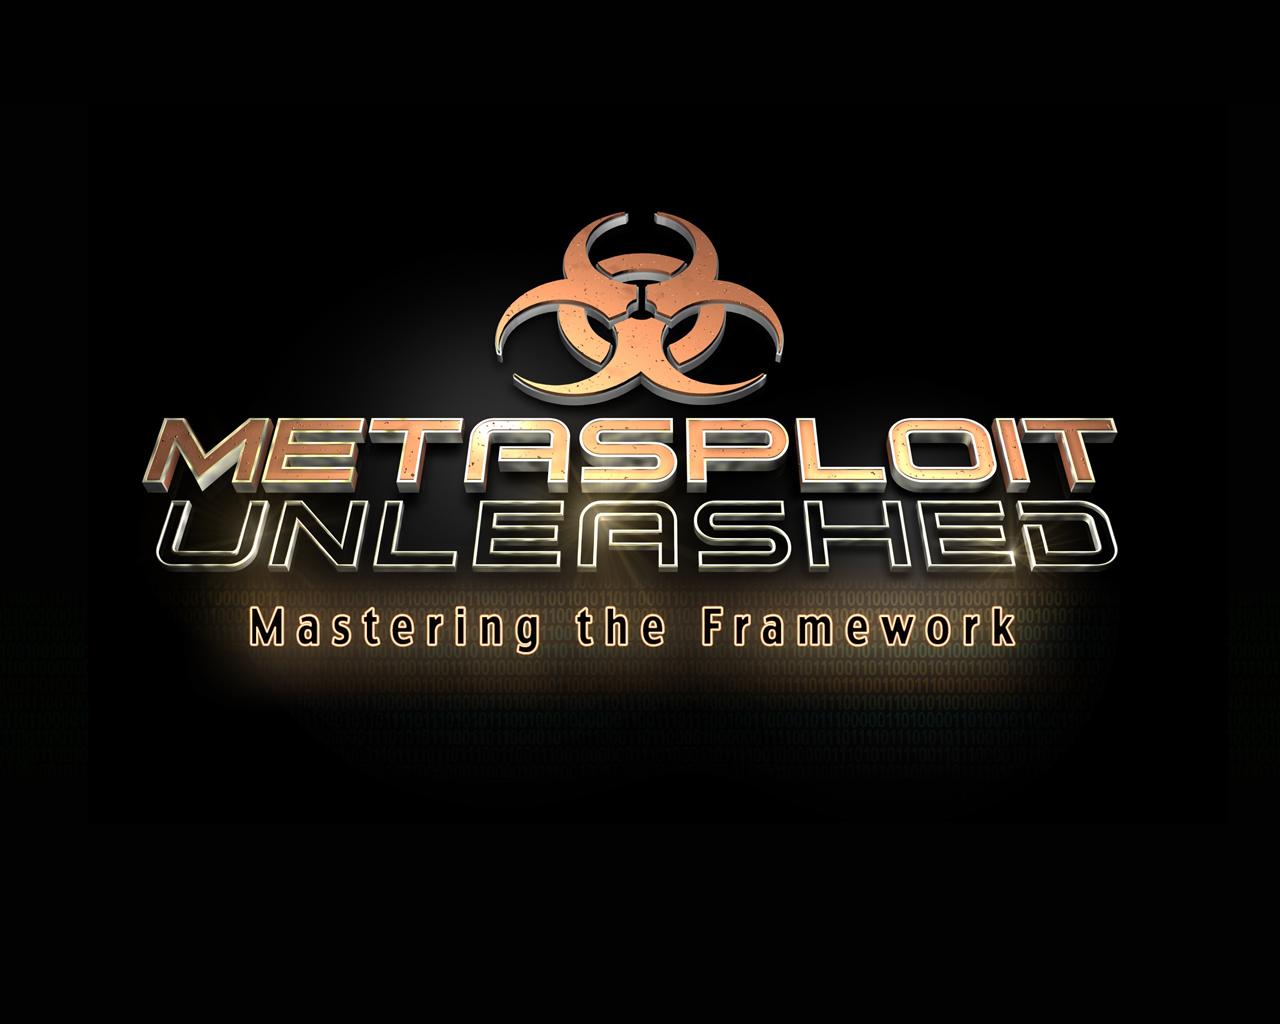 http://2.bp.blogspot.com/_oA8GbGEjx98/TSkhC8j_l8I/AAAAAAAAAWo/N-wy3ClxehM/s1600/metasploit-unleashed2.jpg